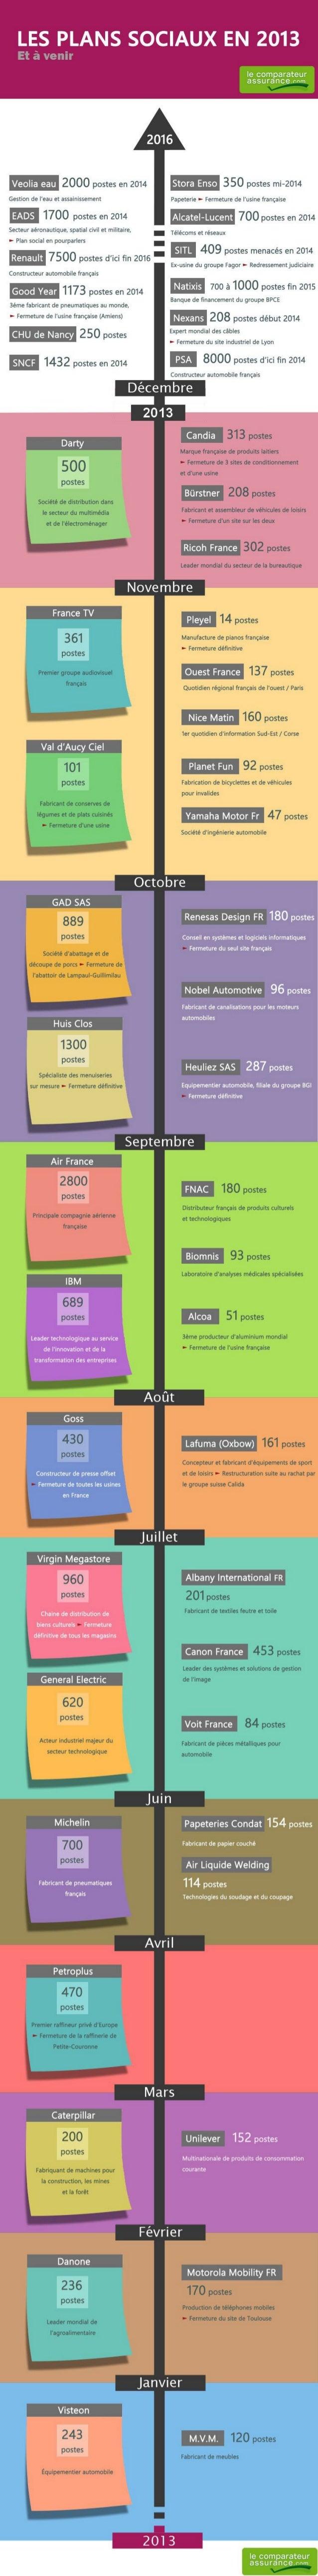 Plans sociaux-2013-2014